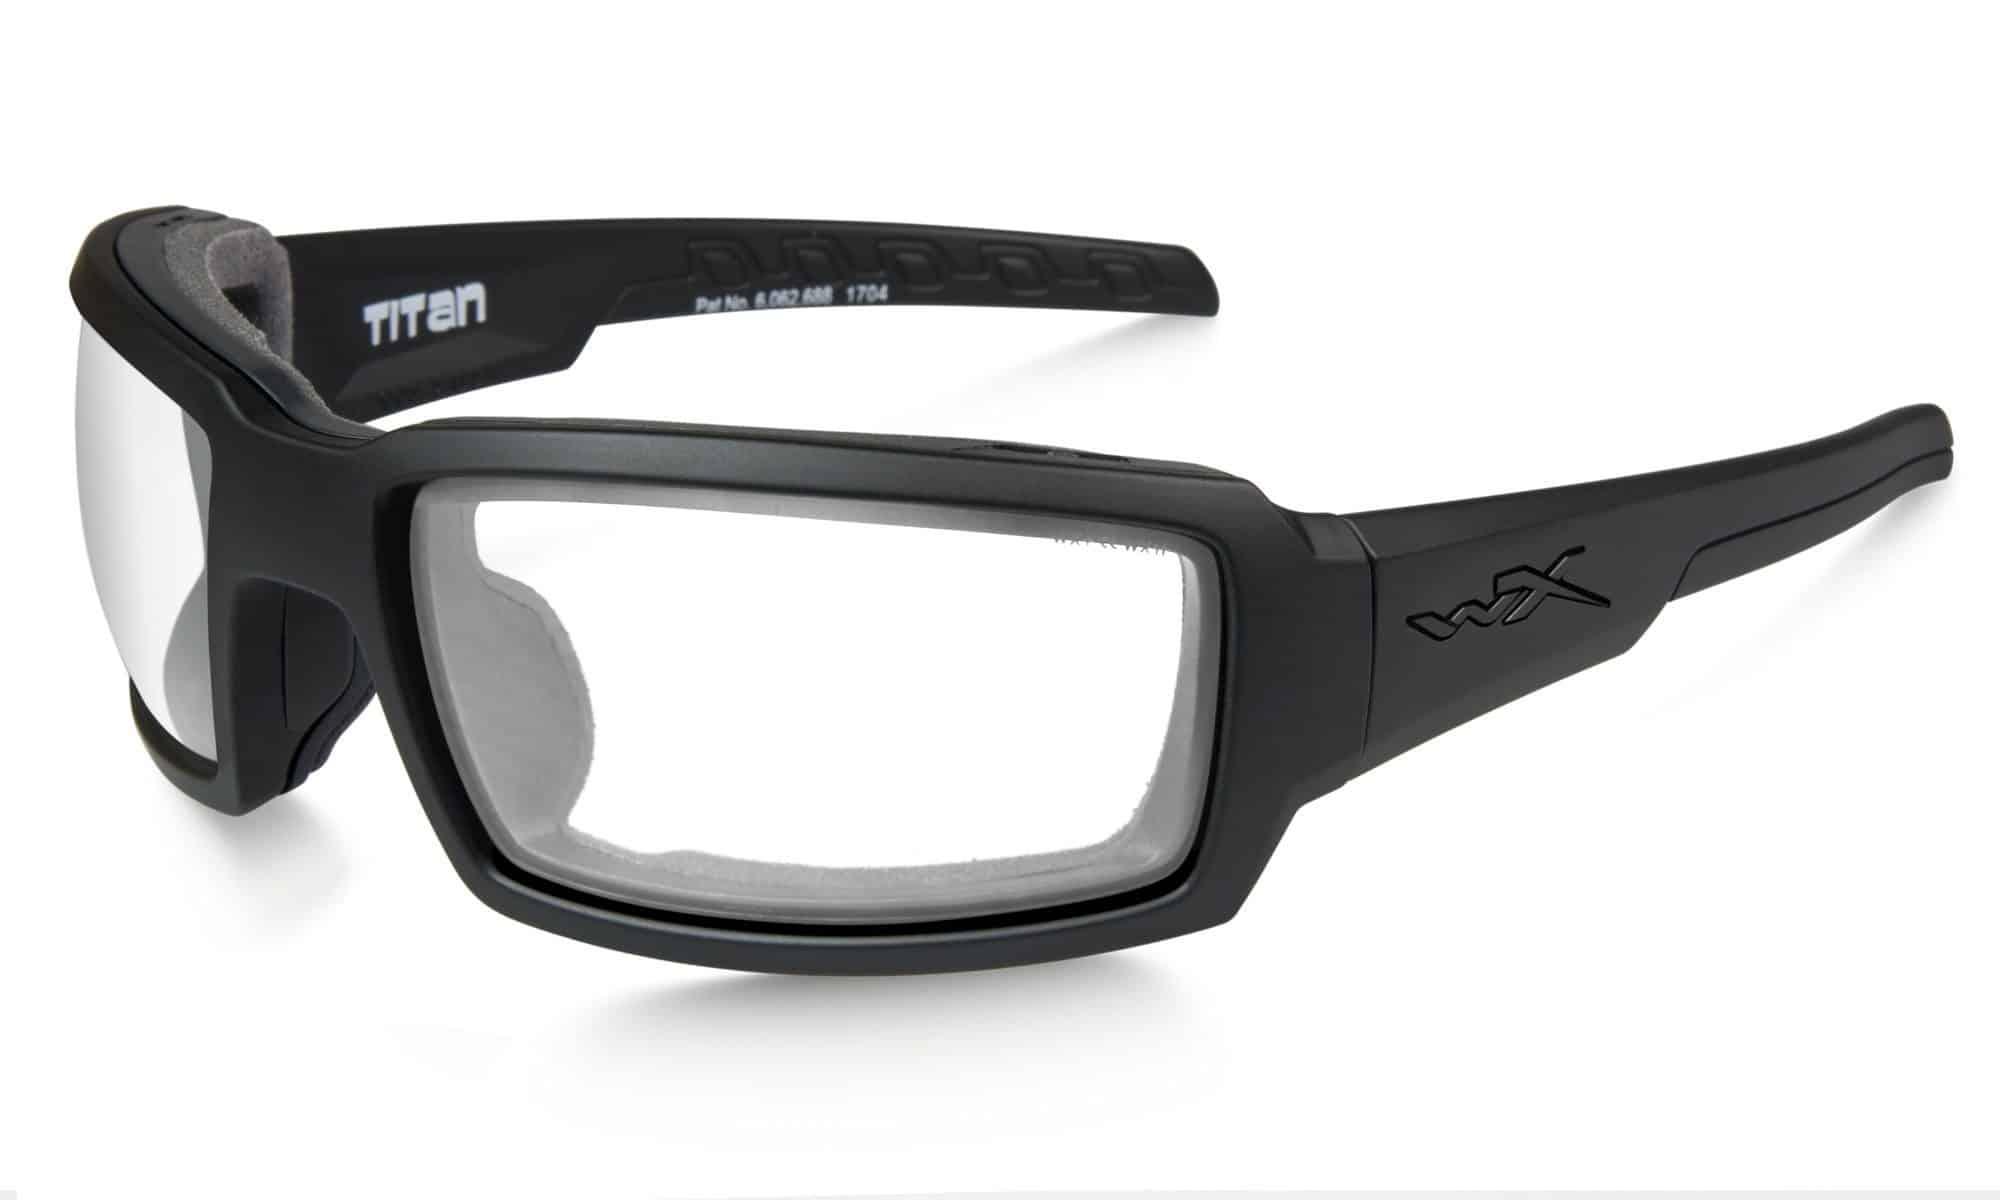 a429317b80 Wiley X Titan Prescription Sunglasses and Eyewear